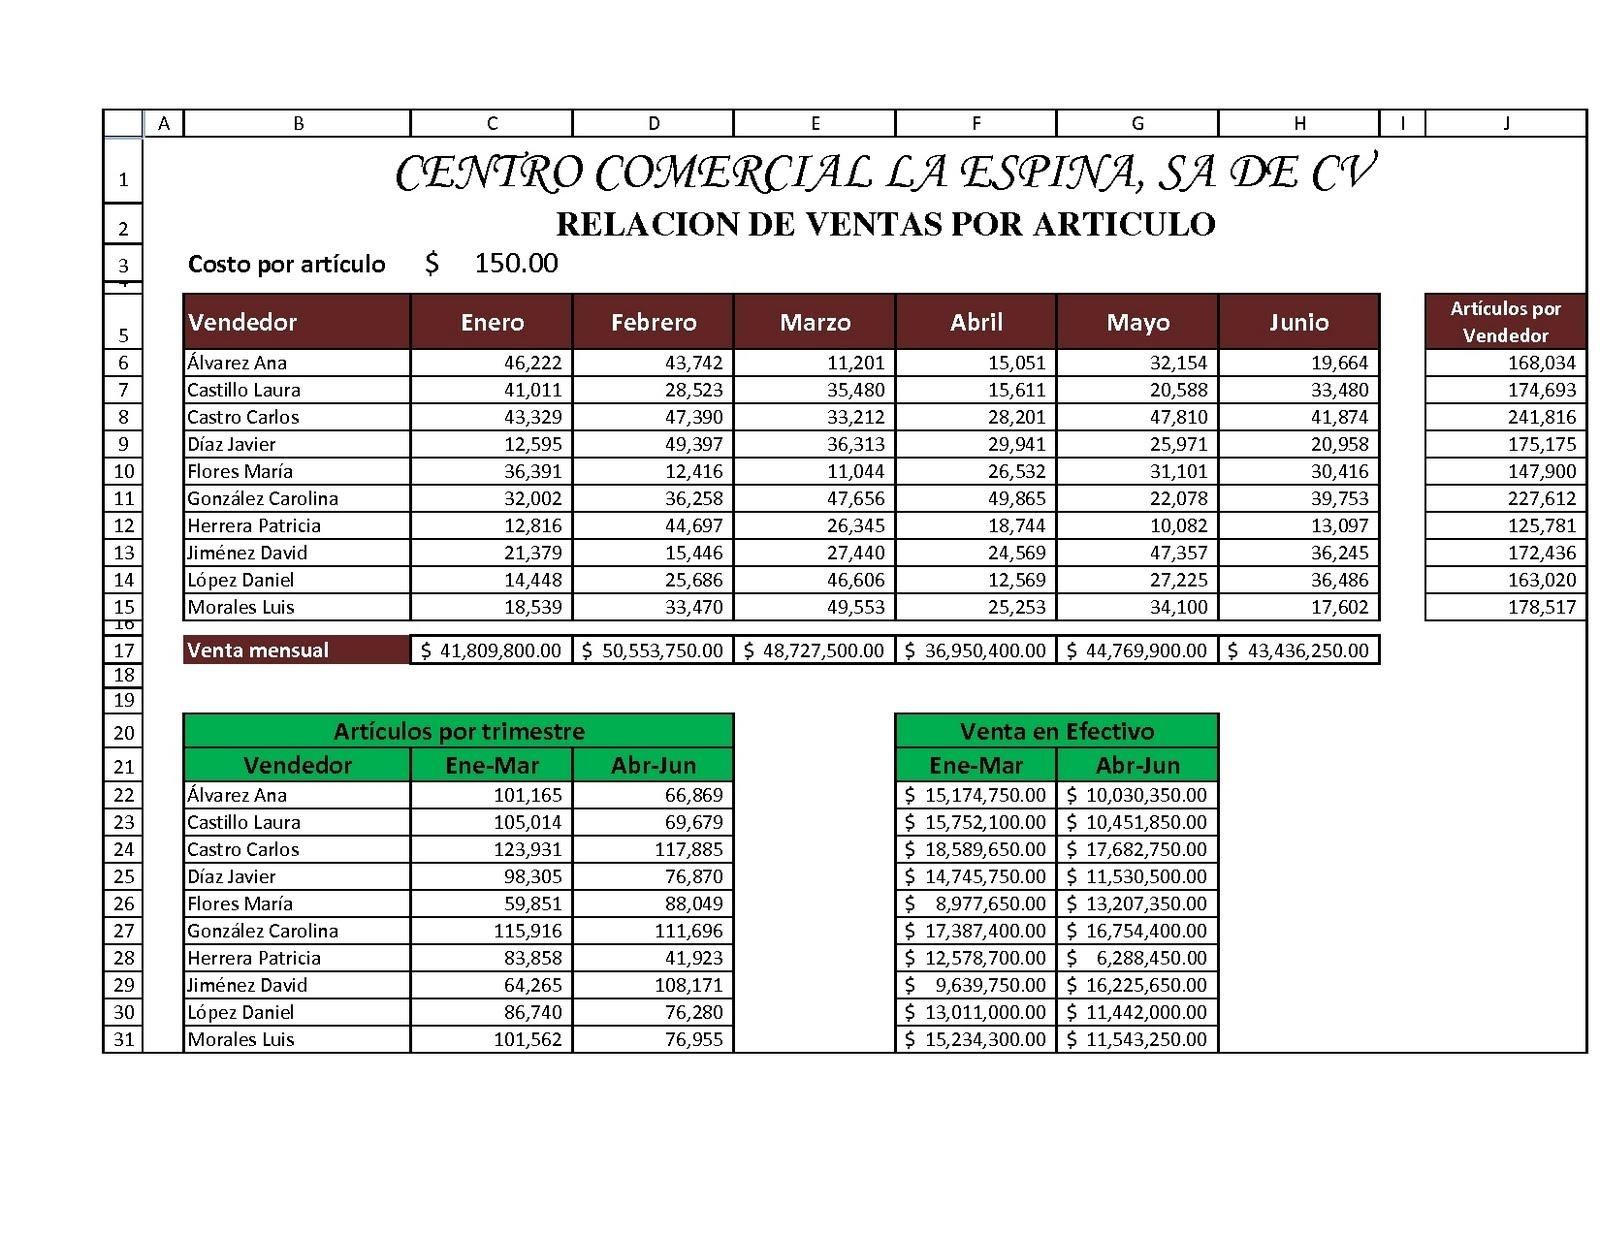 Practicando Excel: Practica 09 Ventas